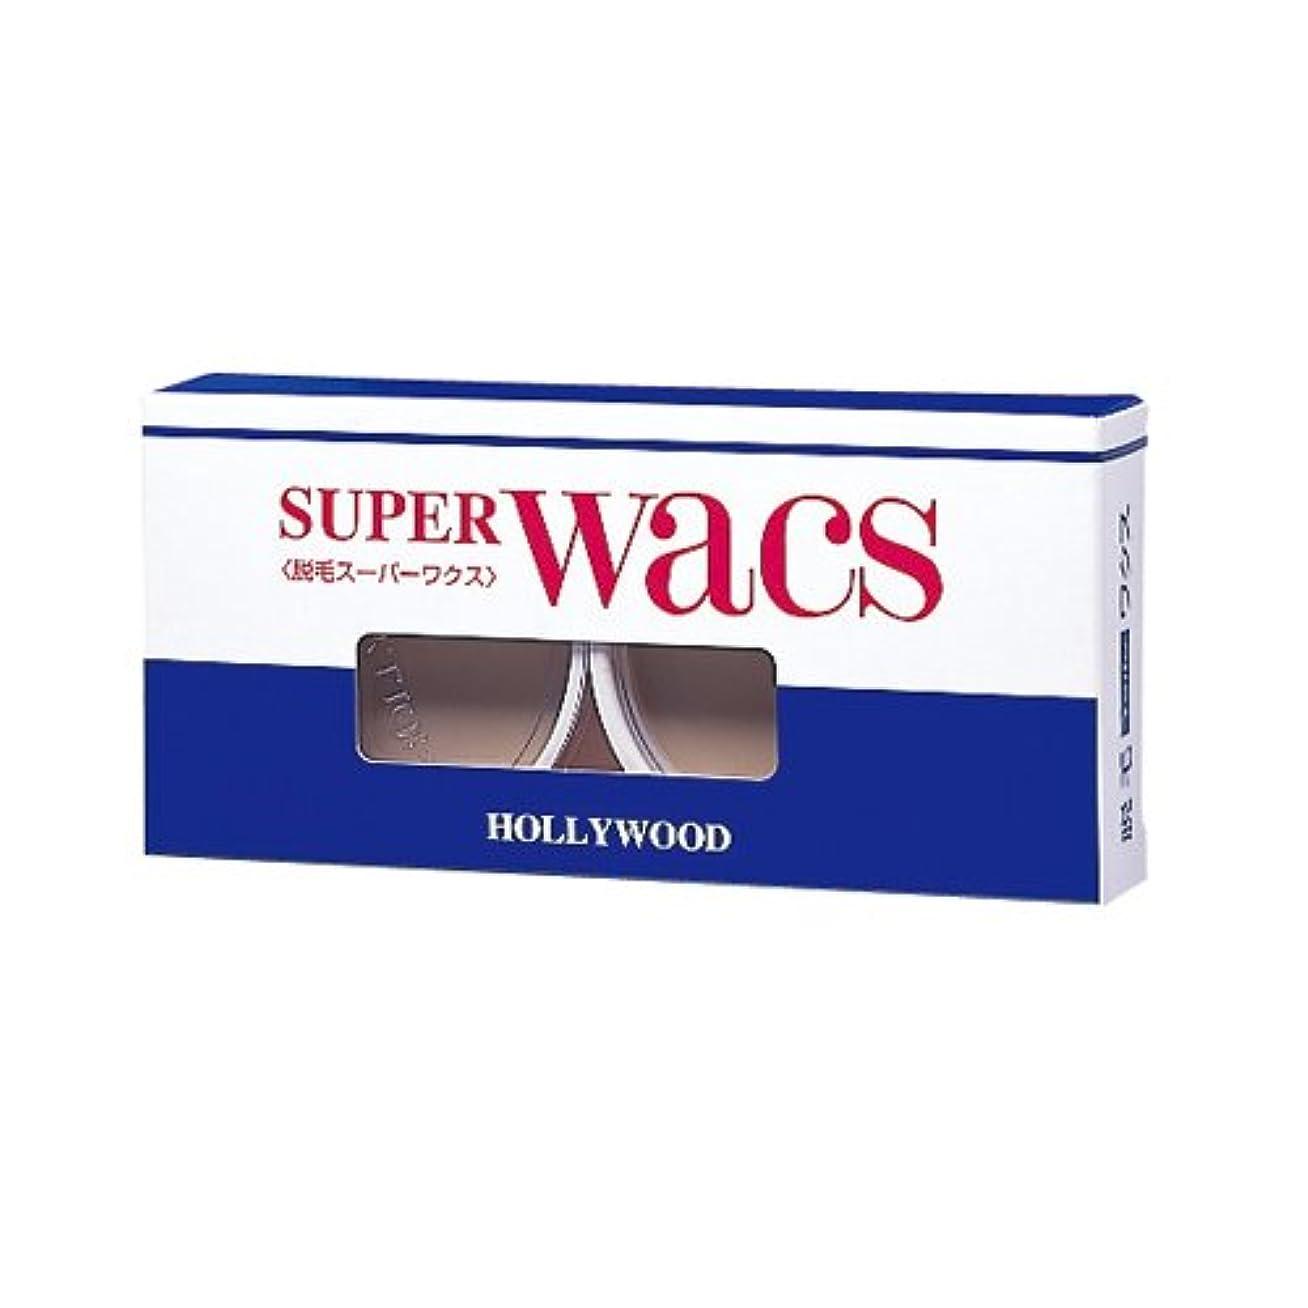 ブッシュ韓国語癌ハリウッド 脱毛スーパーワクス (強力) (50g × 2)